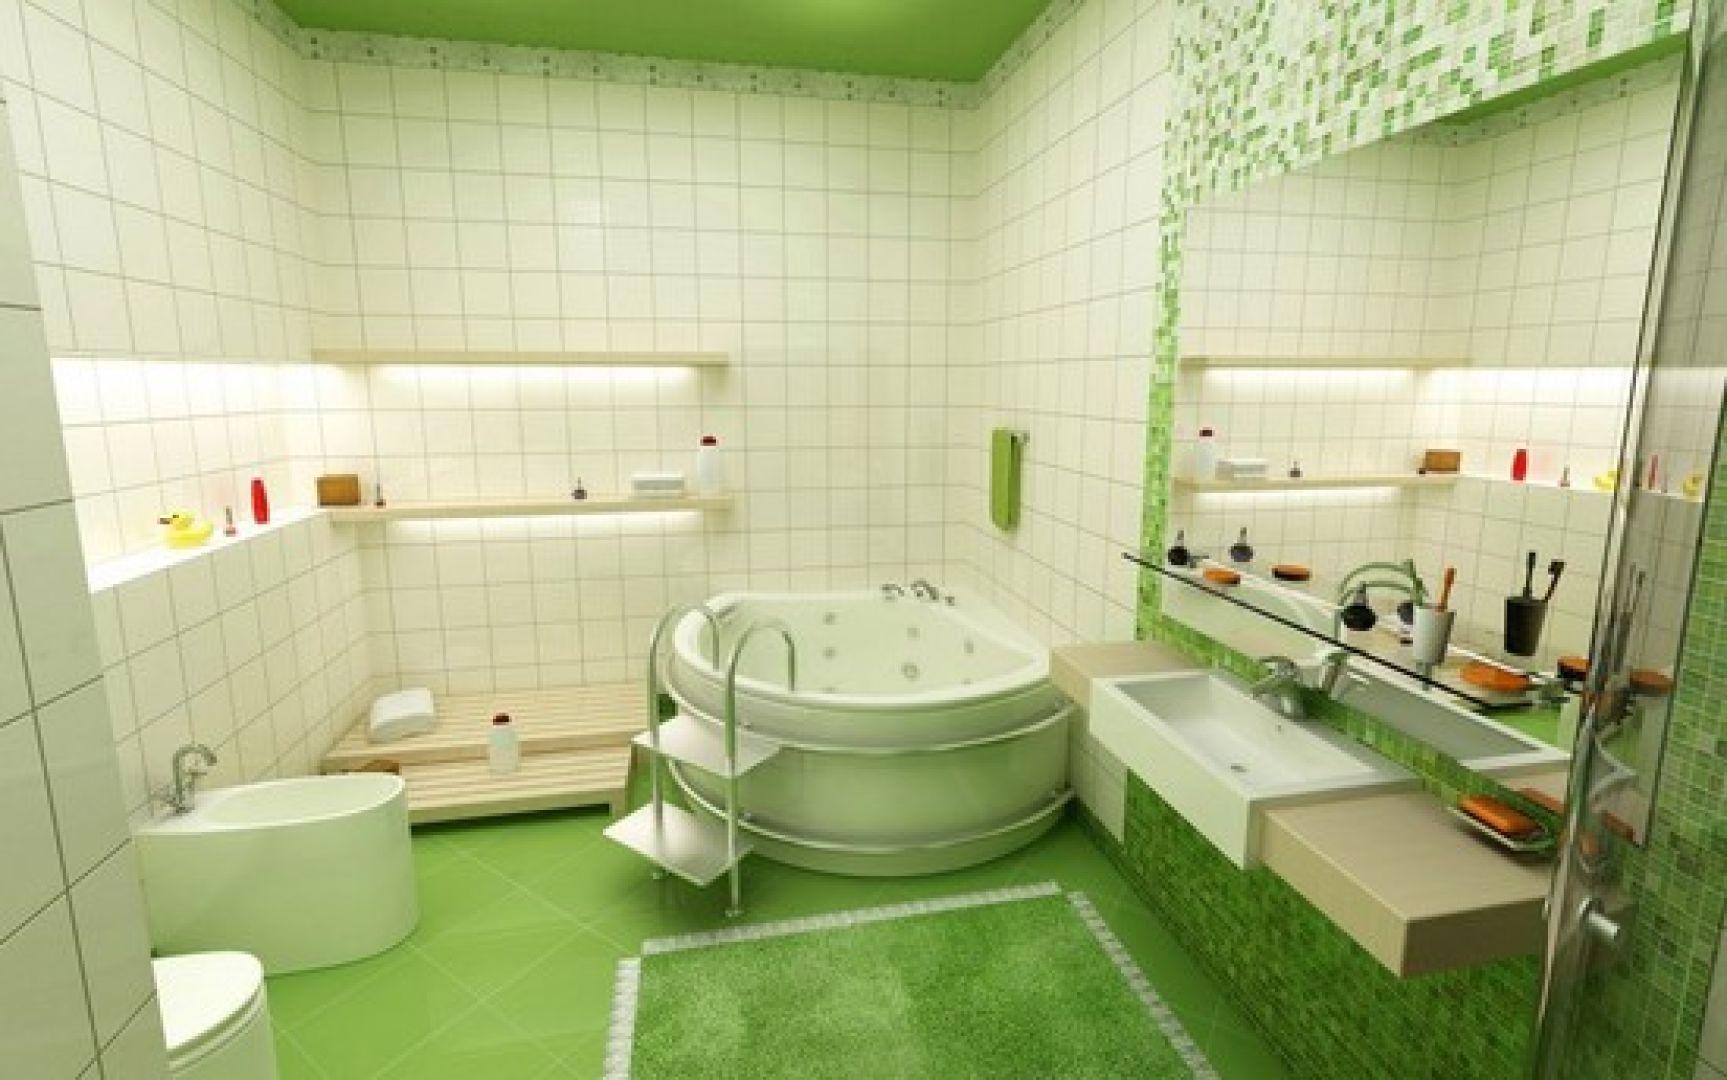 Gạch lát nền nhà tắm - gạch màu xanh nổi bật